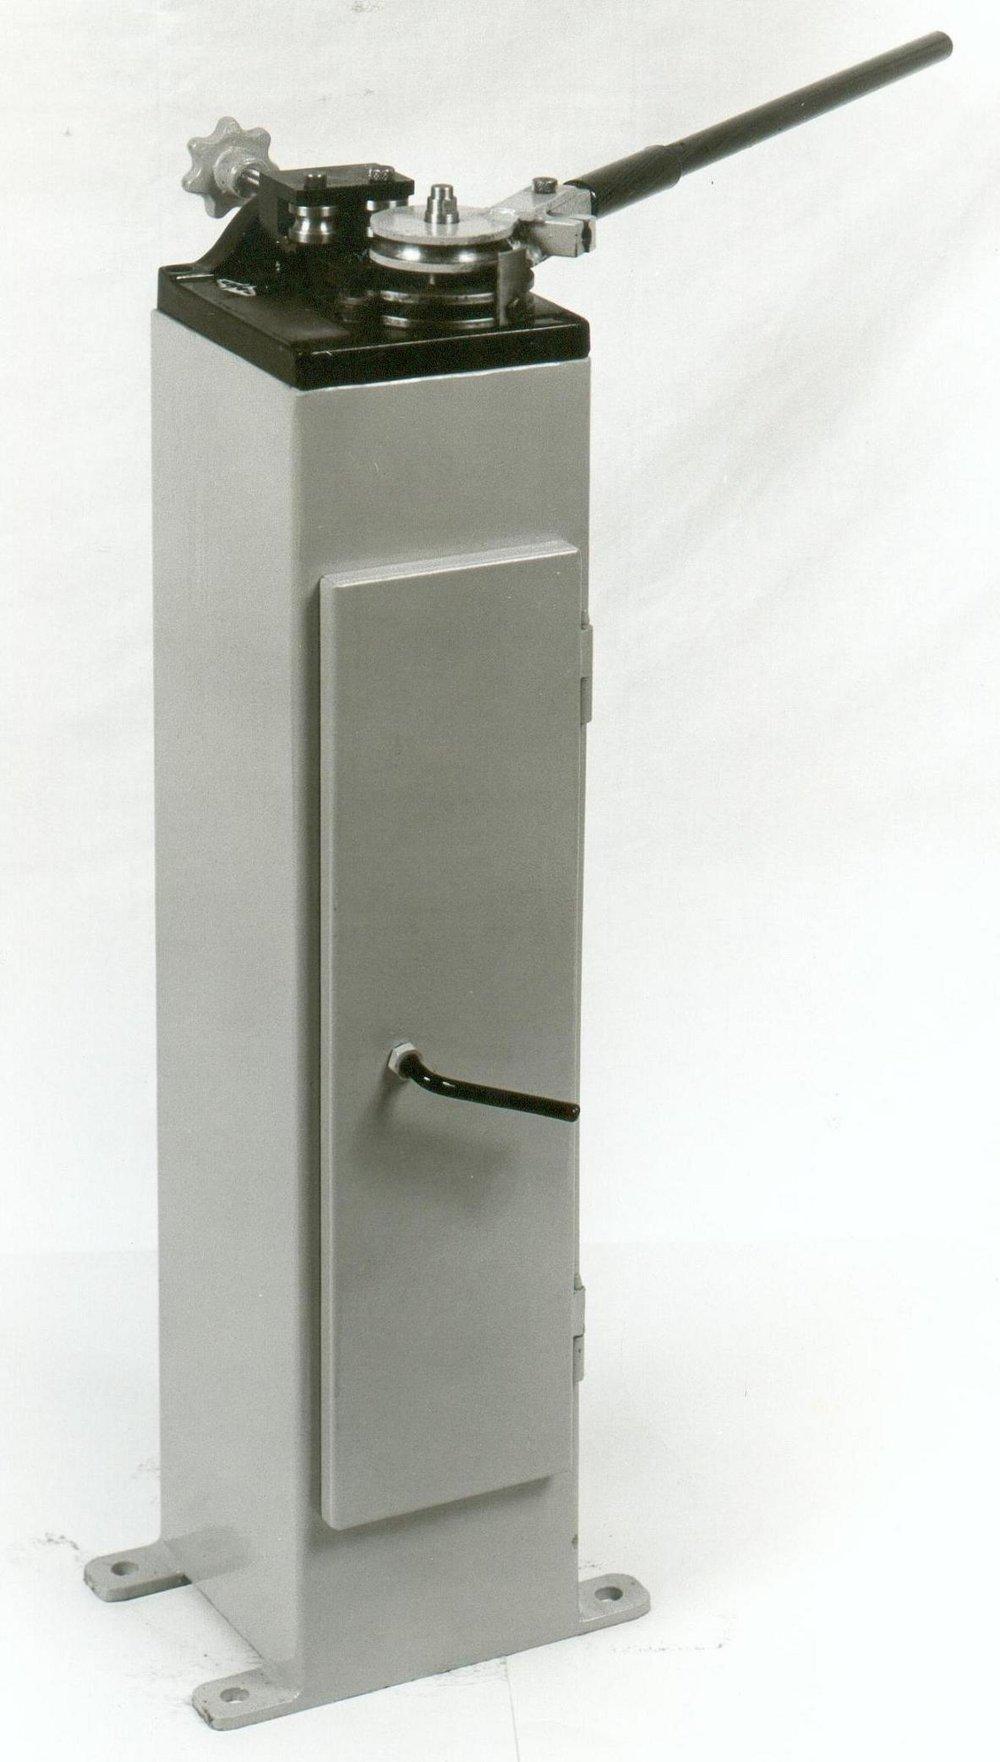 Χειροκίνητος κουρμπαδόρος R16 για σωλήνα μέχρι Φ16mm.